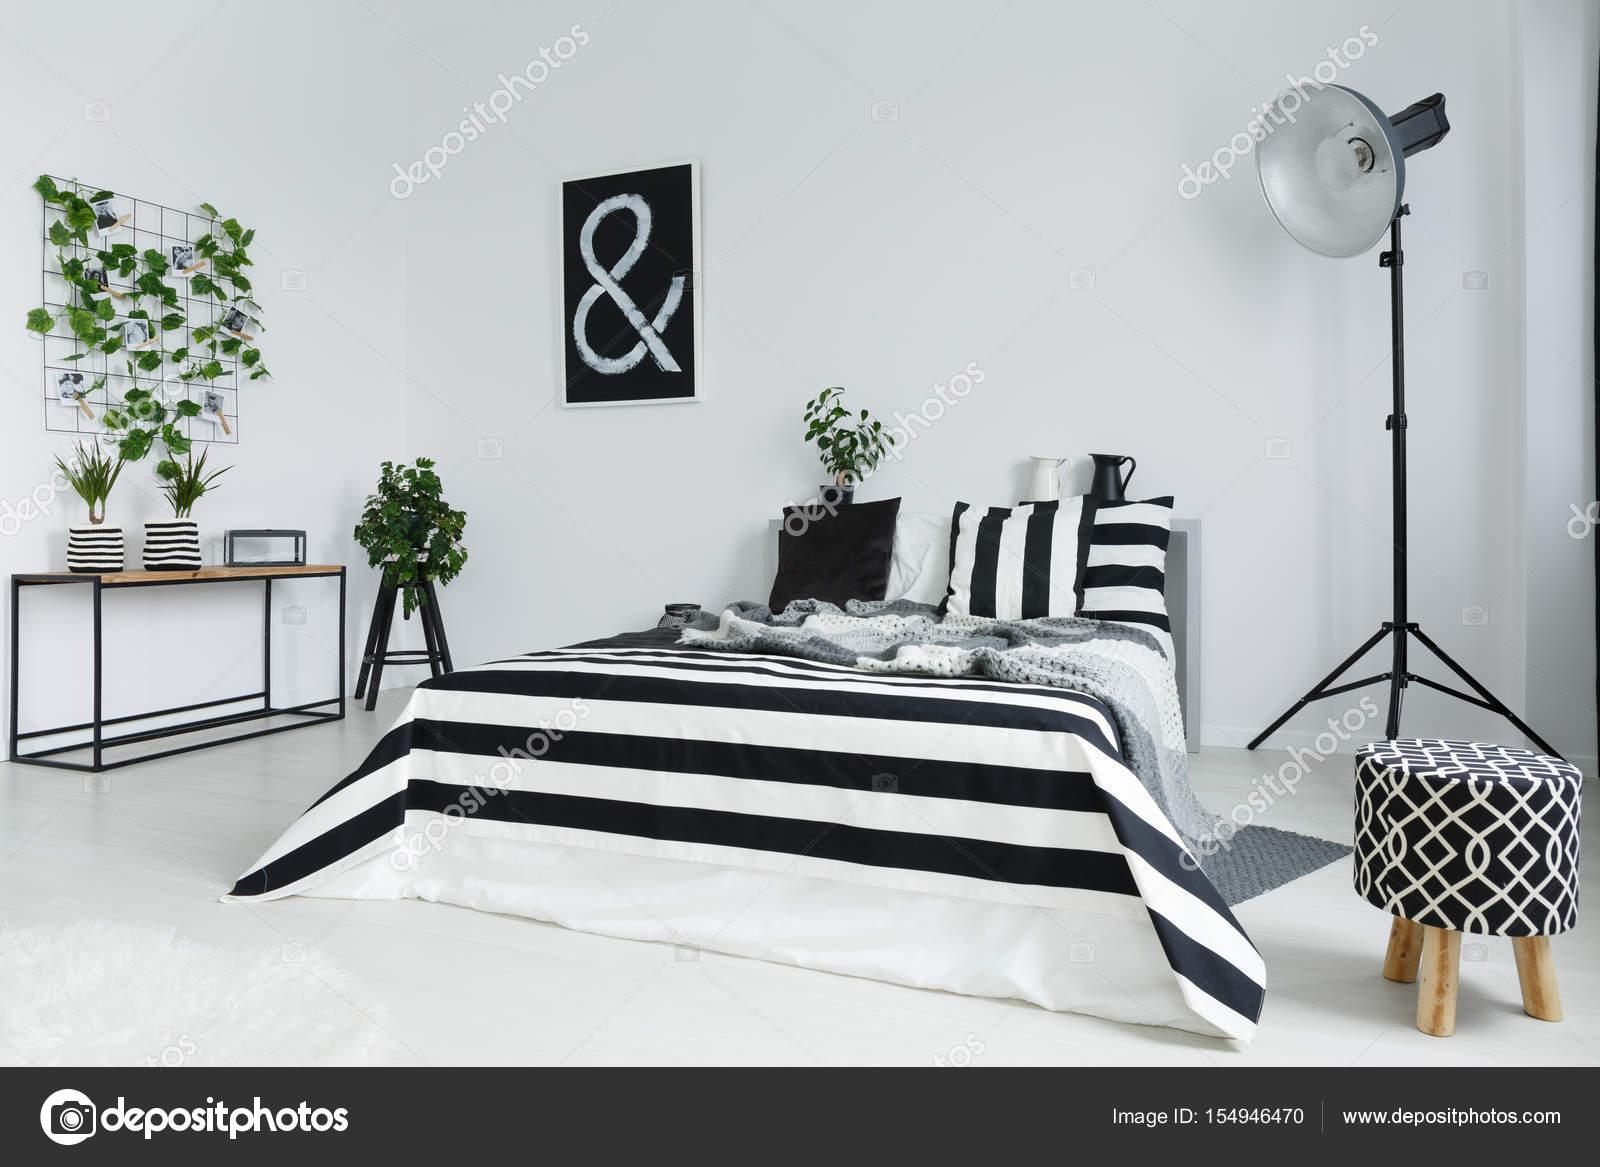 Slaapkamer Lamp Zwart : Slaapkamer met planten en lamp u stockfoto photographee eu